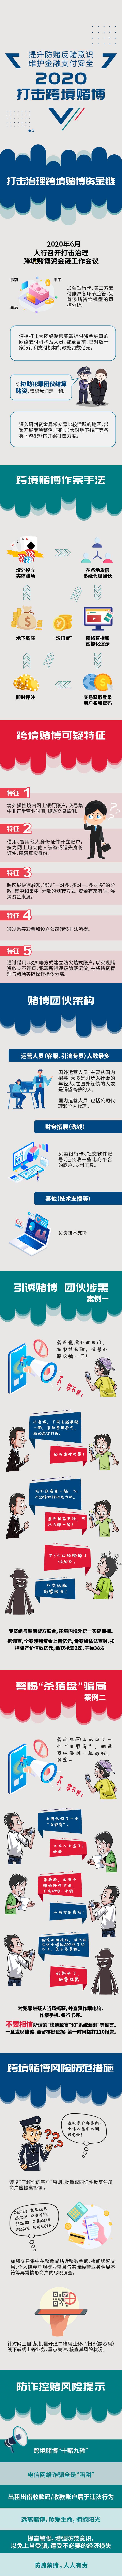 打击治理跨境赌博资金链-银联商务股份有限公司.jpg